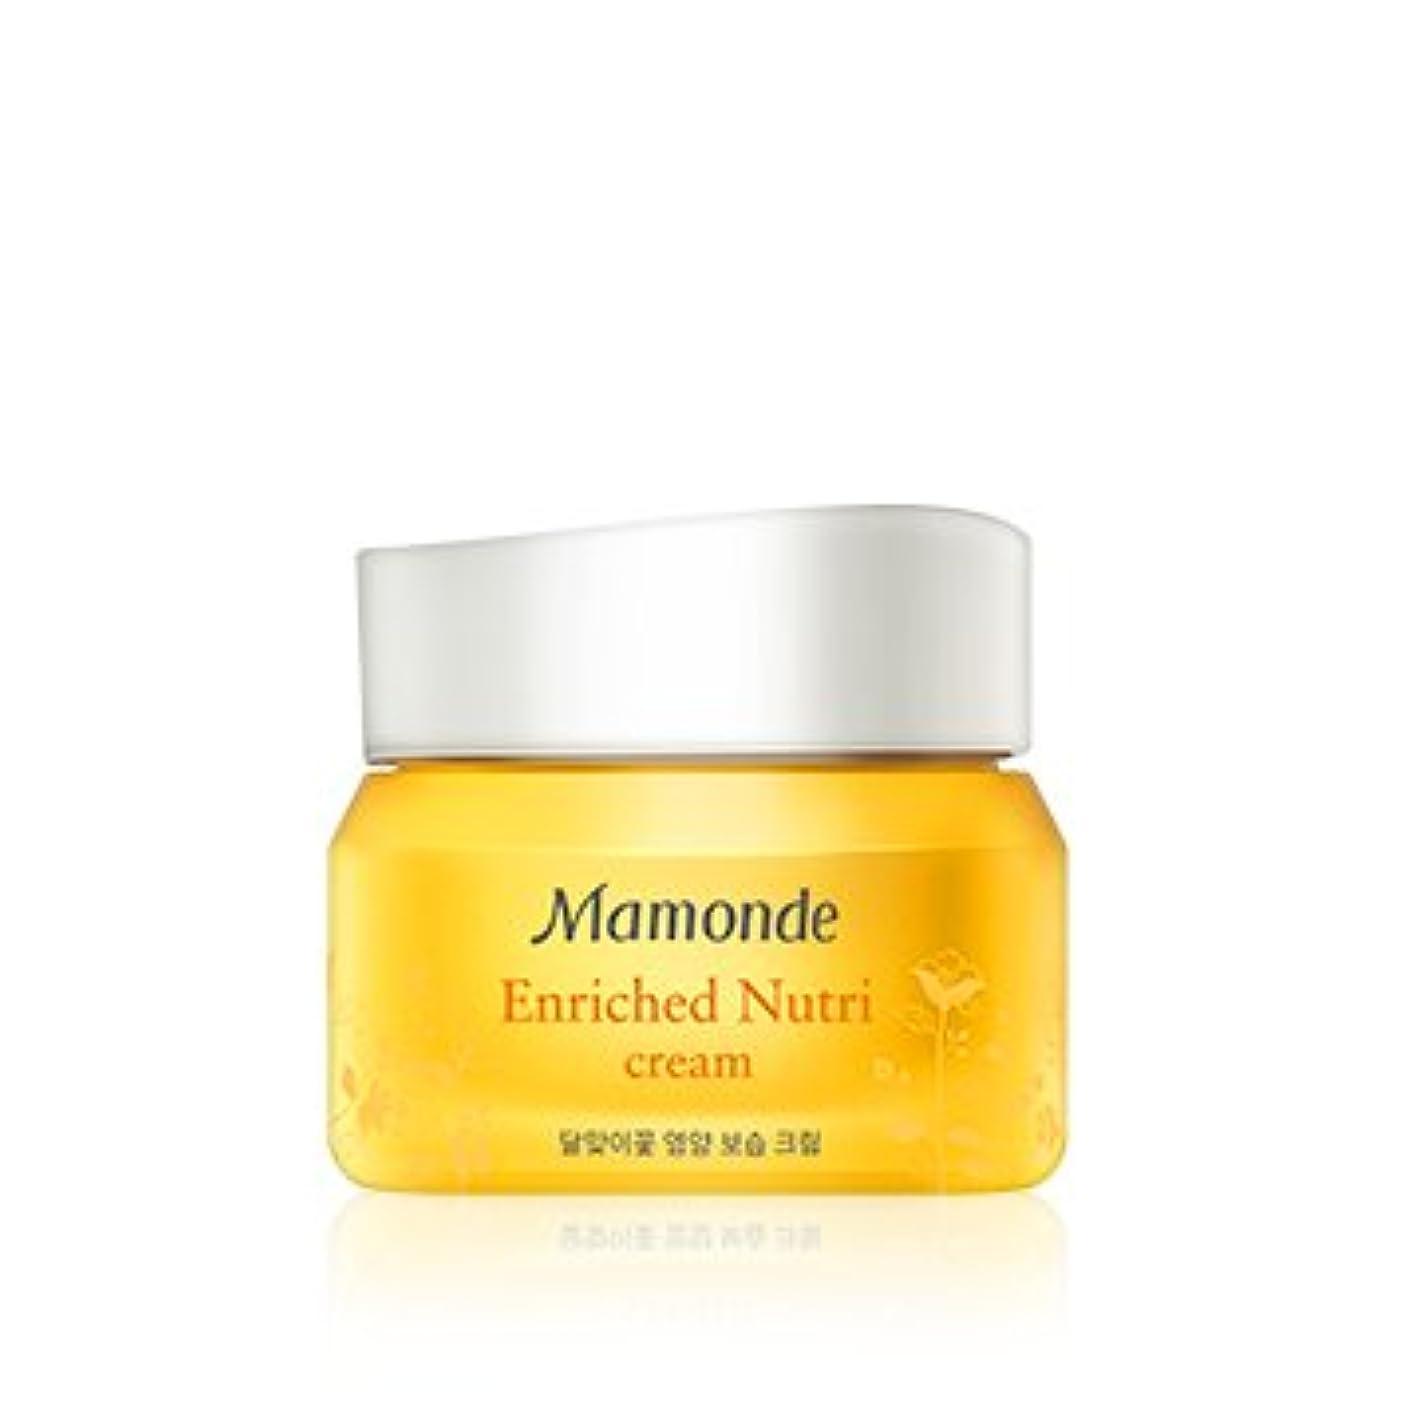 酸素調停者ドナウ川[New] Mamonde Enriched Nutri Cream 50ml/マモンド エンリッチド ニュートリ クリーム 50ml [並行輸入品]